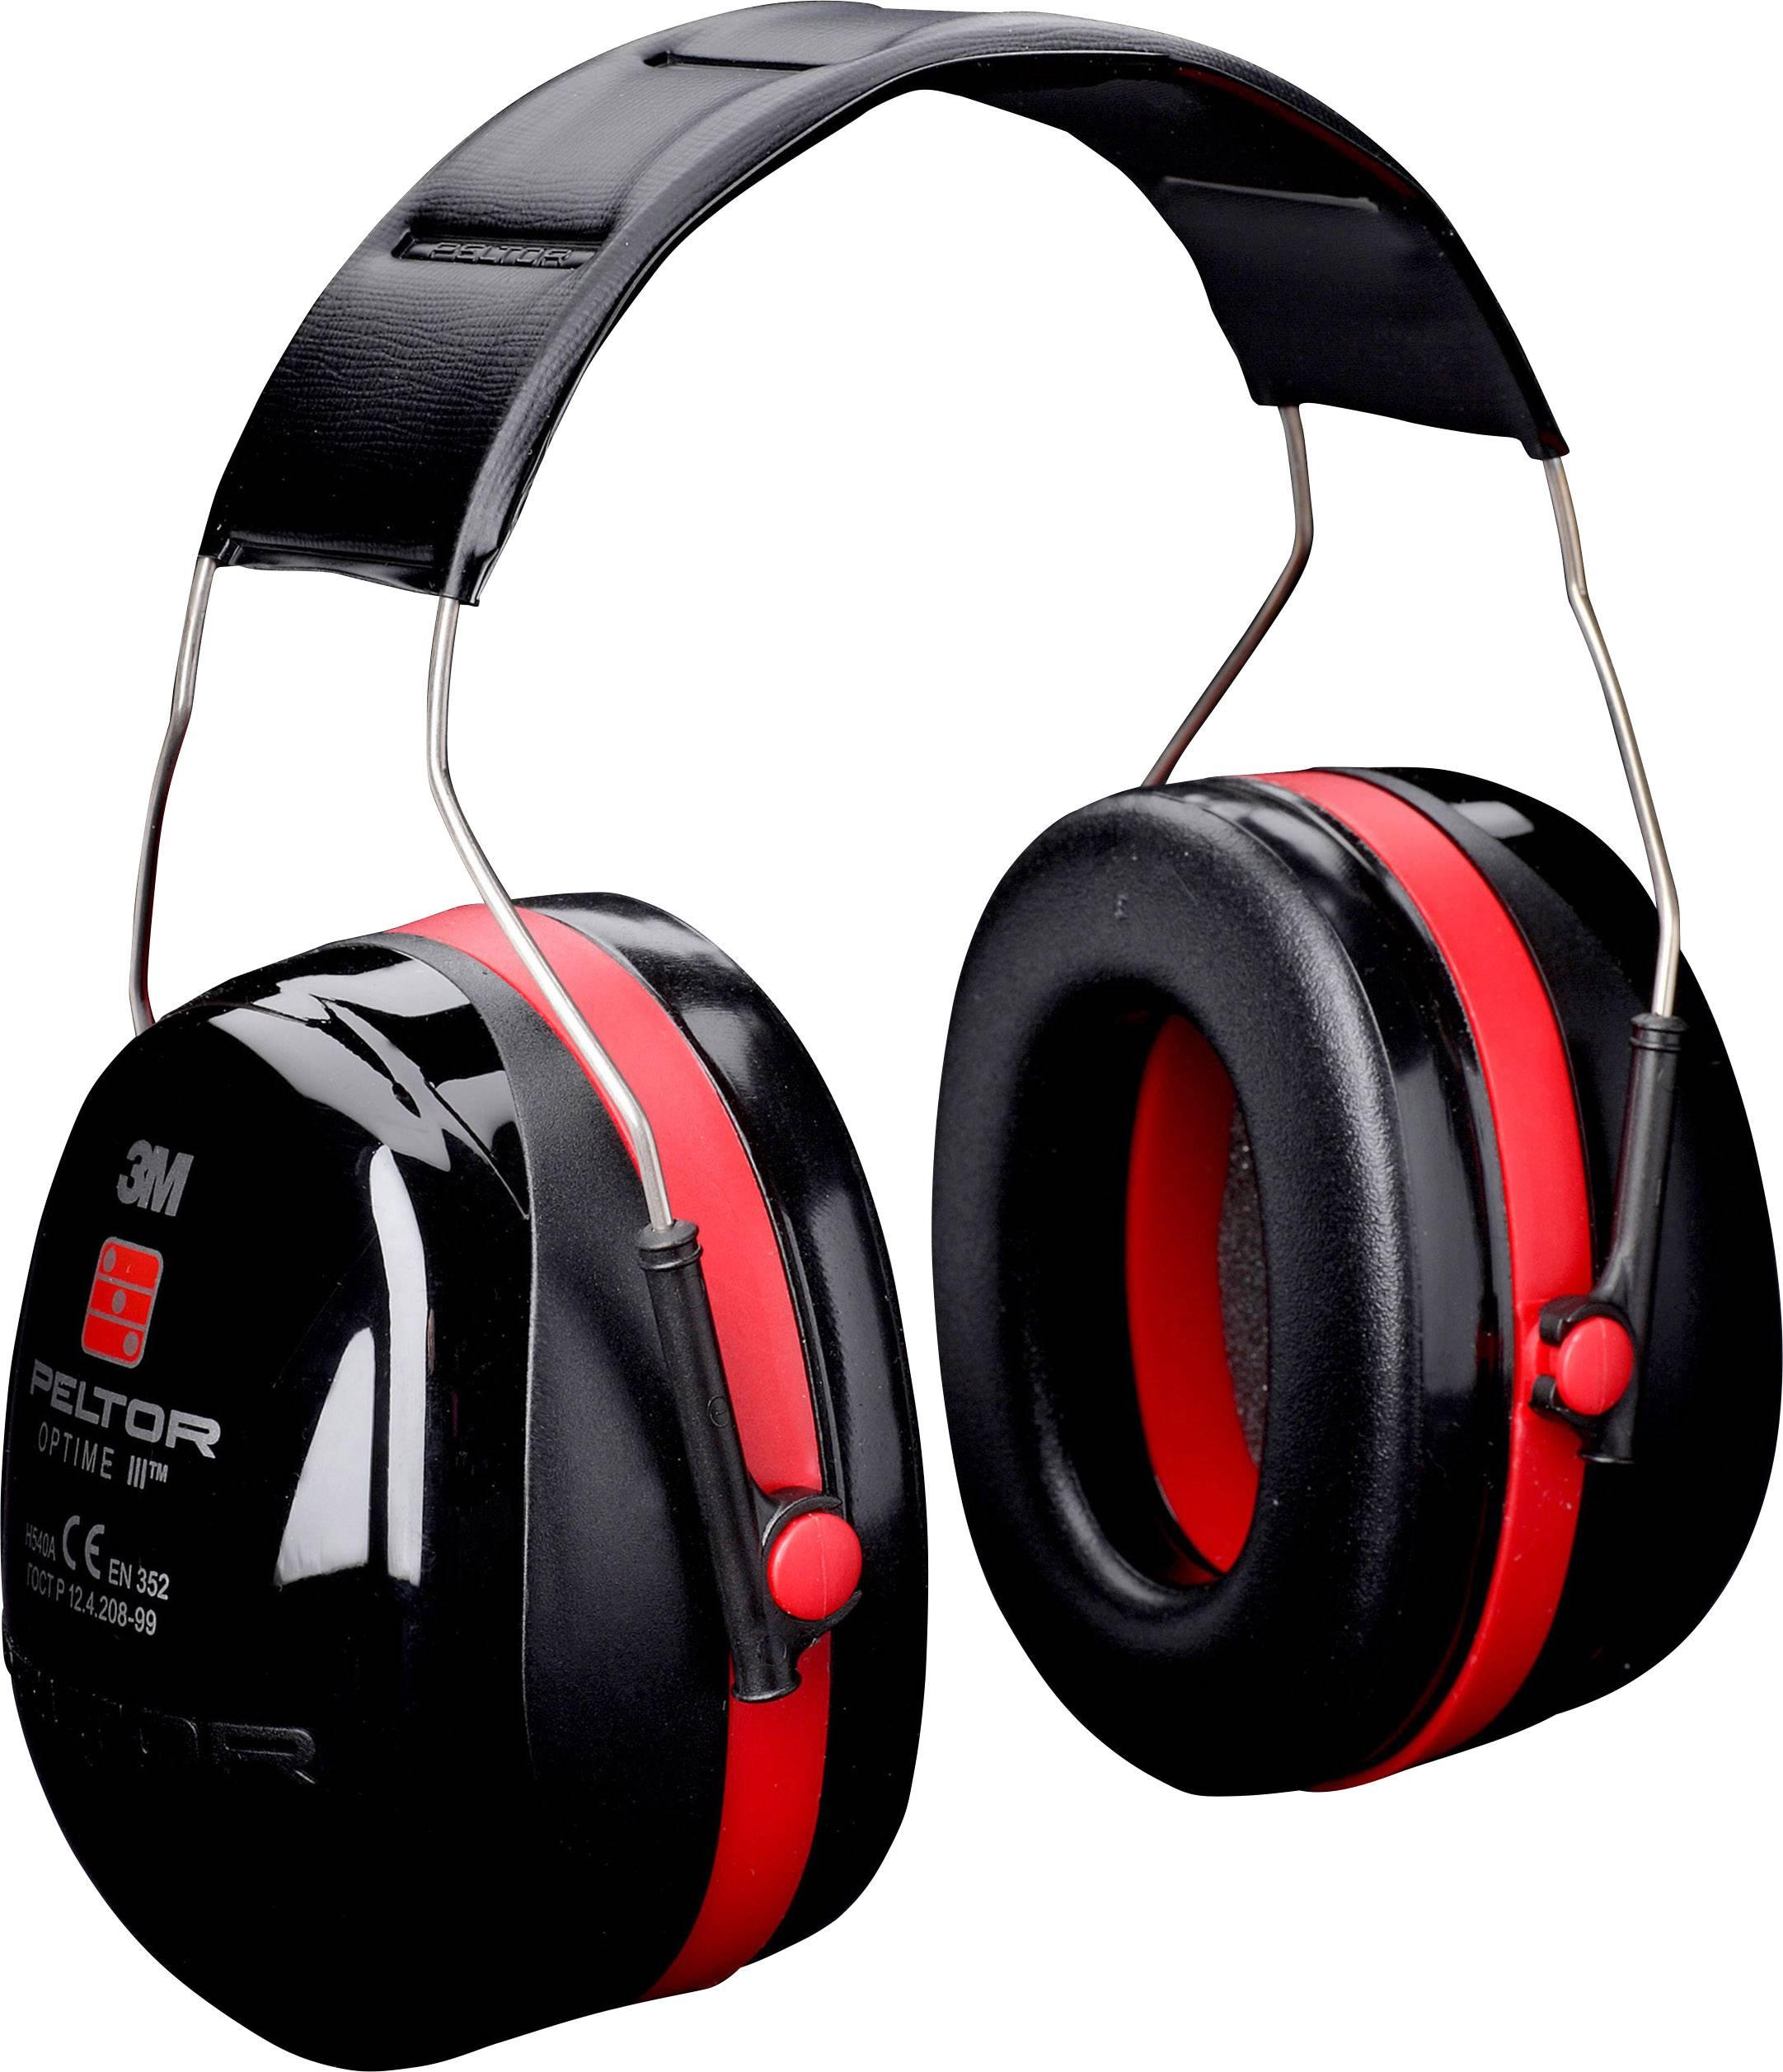 Mušlový chránič sluchu Peltor OPTIME III H540A, 35 dB, 1 ks